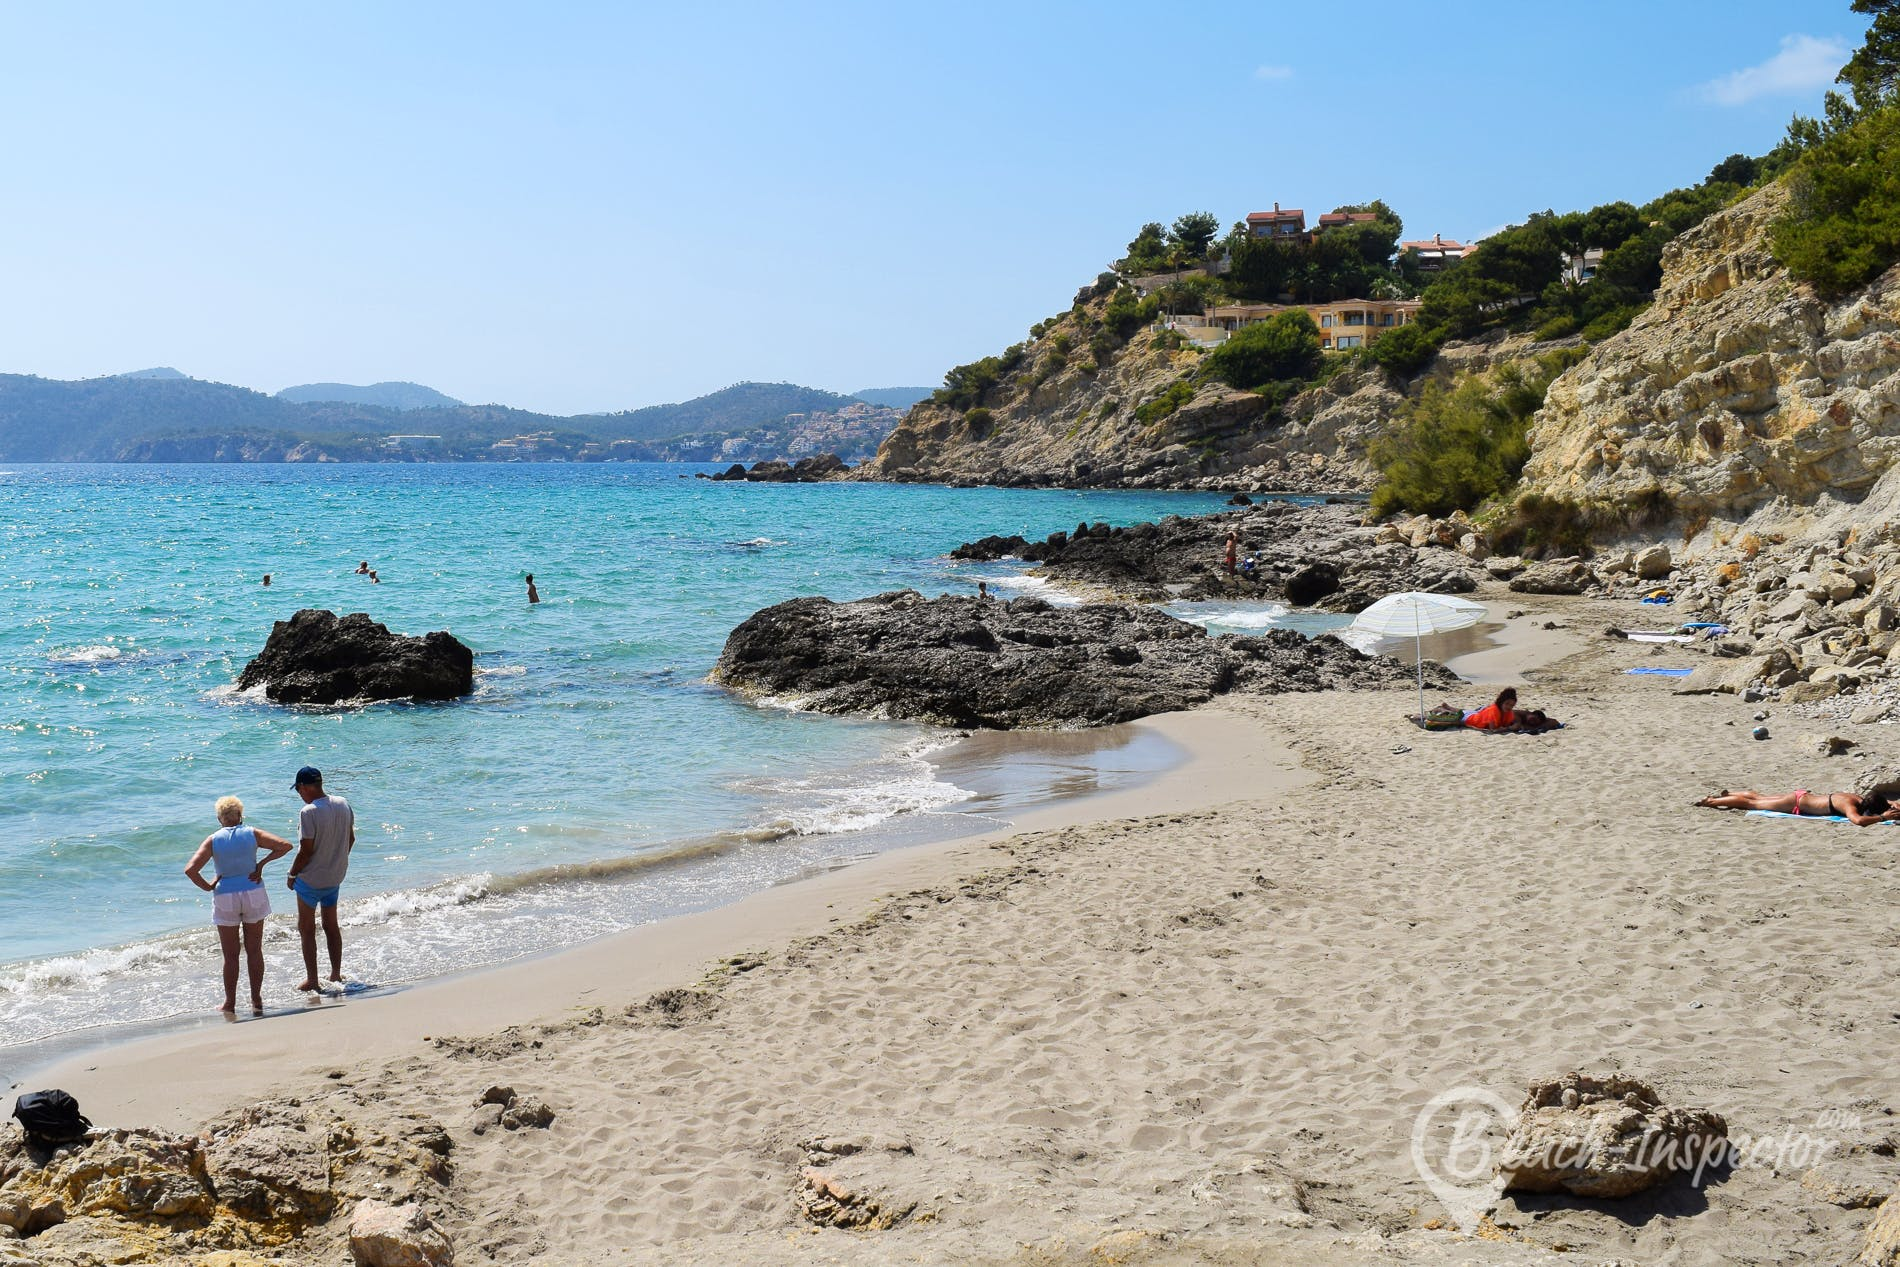 Beach Cala Blanca, Majorca, Spain